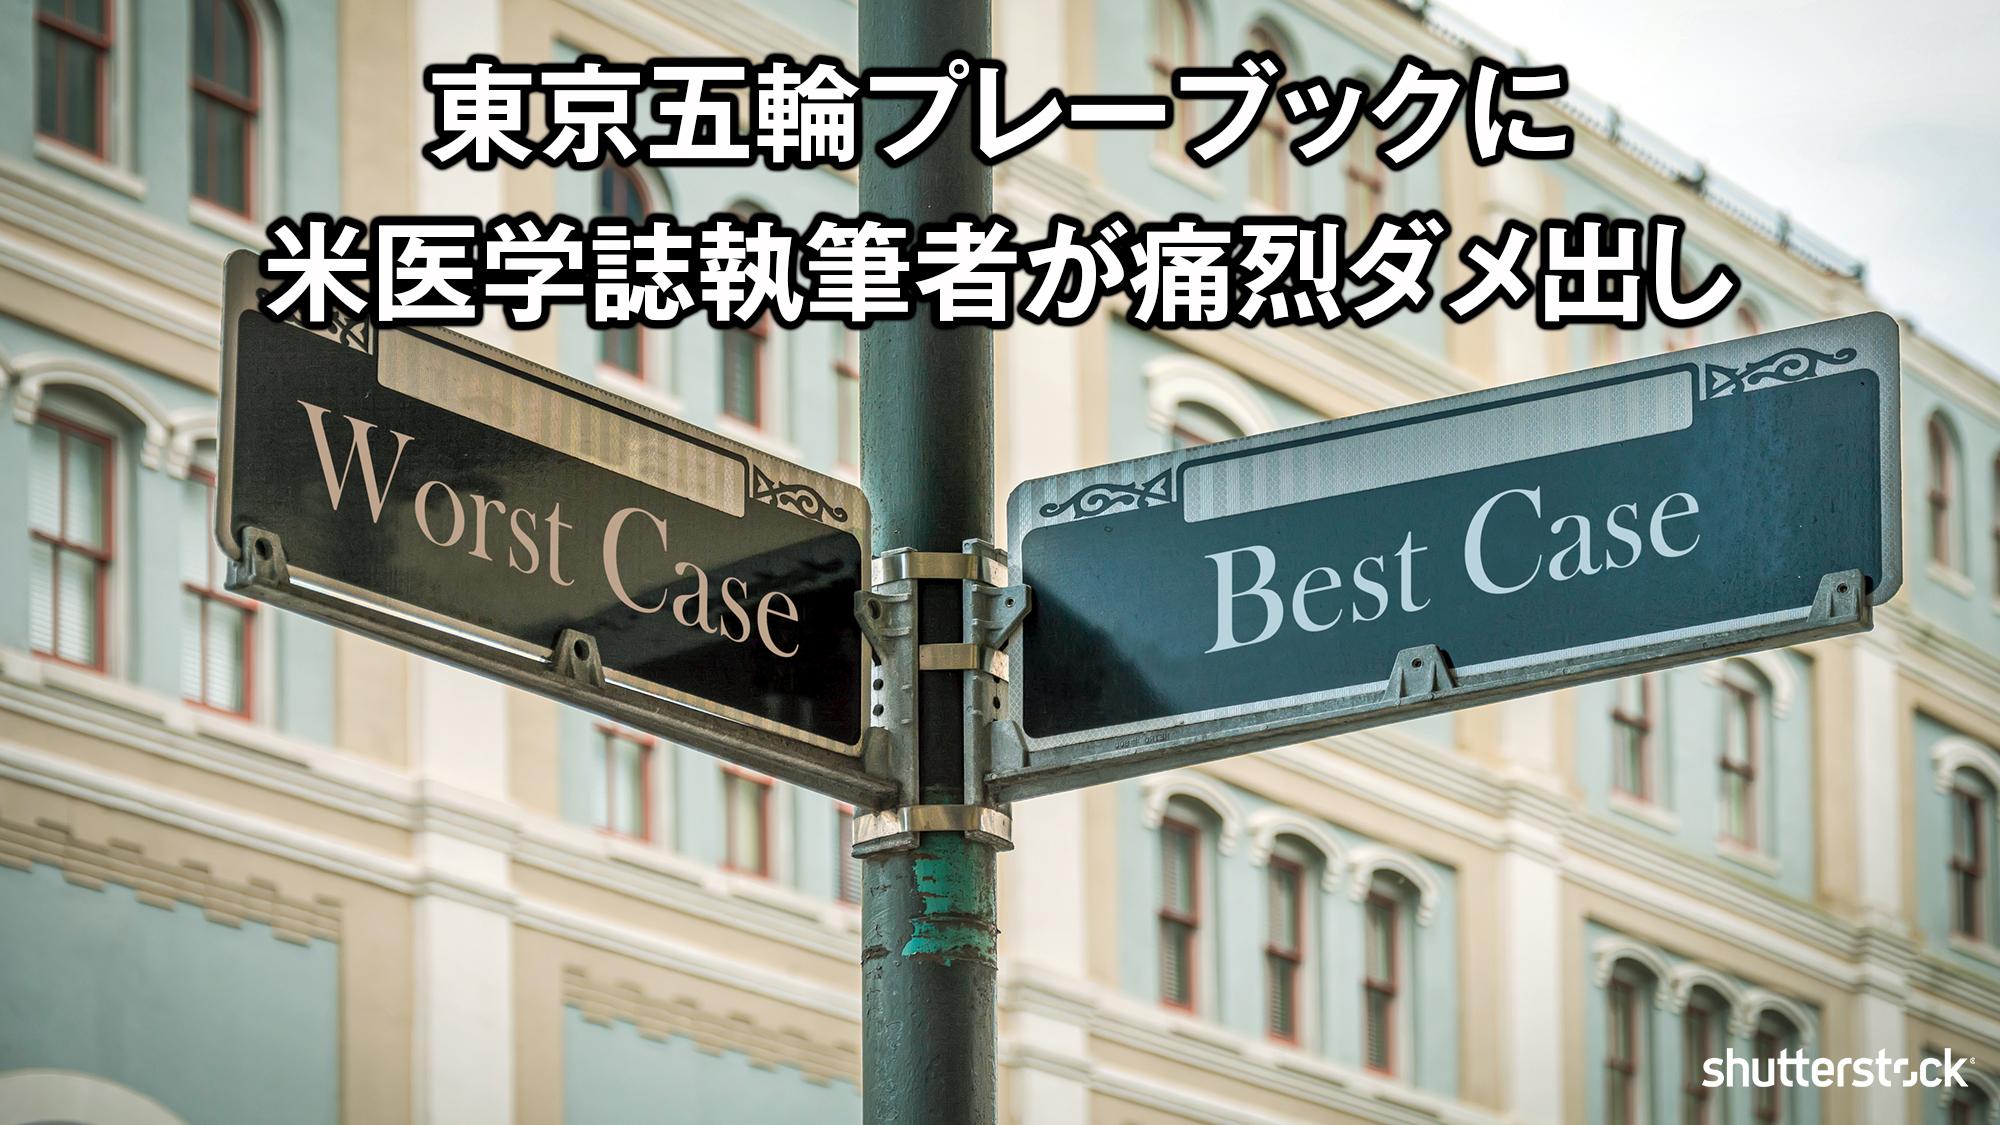 東京五輪プレーブックに米医学誌執筆者が痛烈ダメ出し